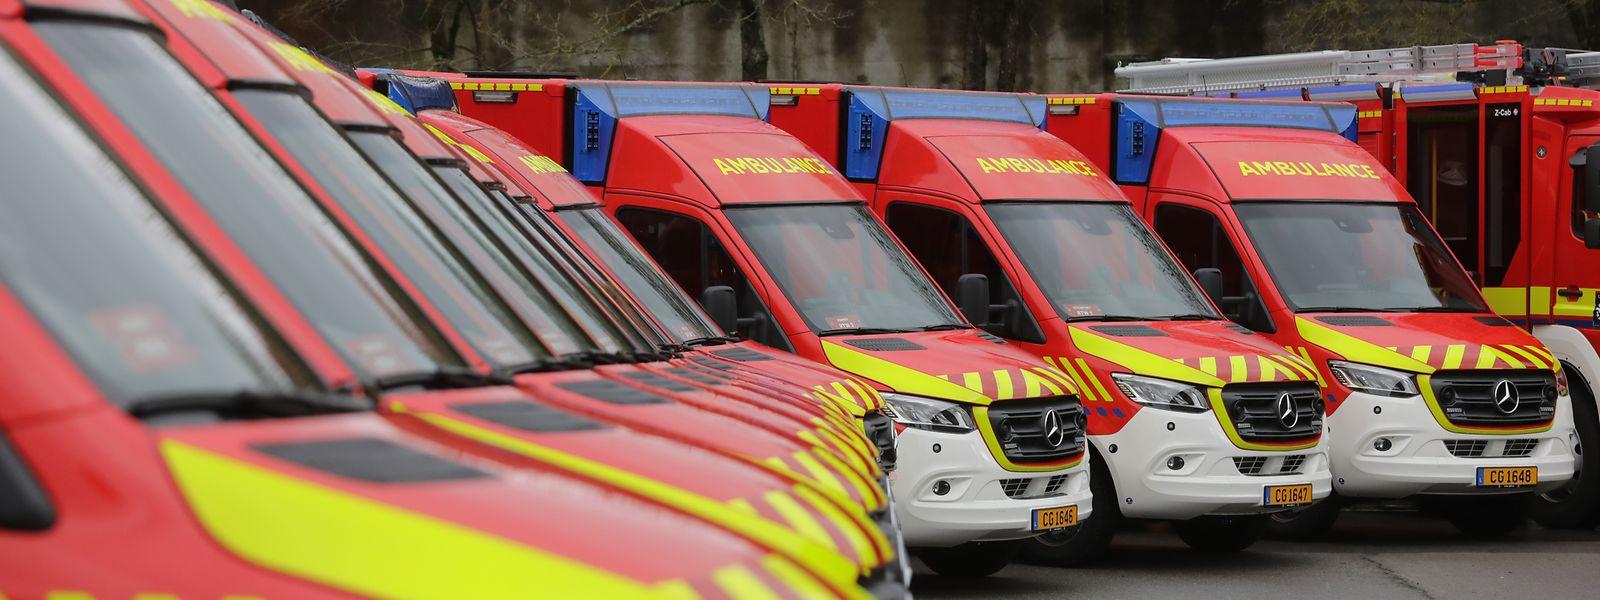 Die neuen Feuerwehrfahrzeuge und Krankenwagen für den CGDIS wurden am Freitagmittag in Lintgen vorgestellt.